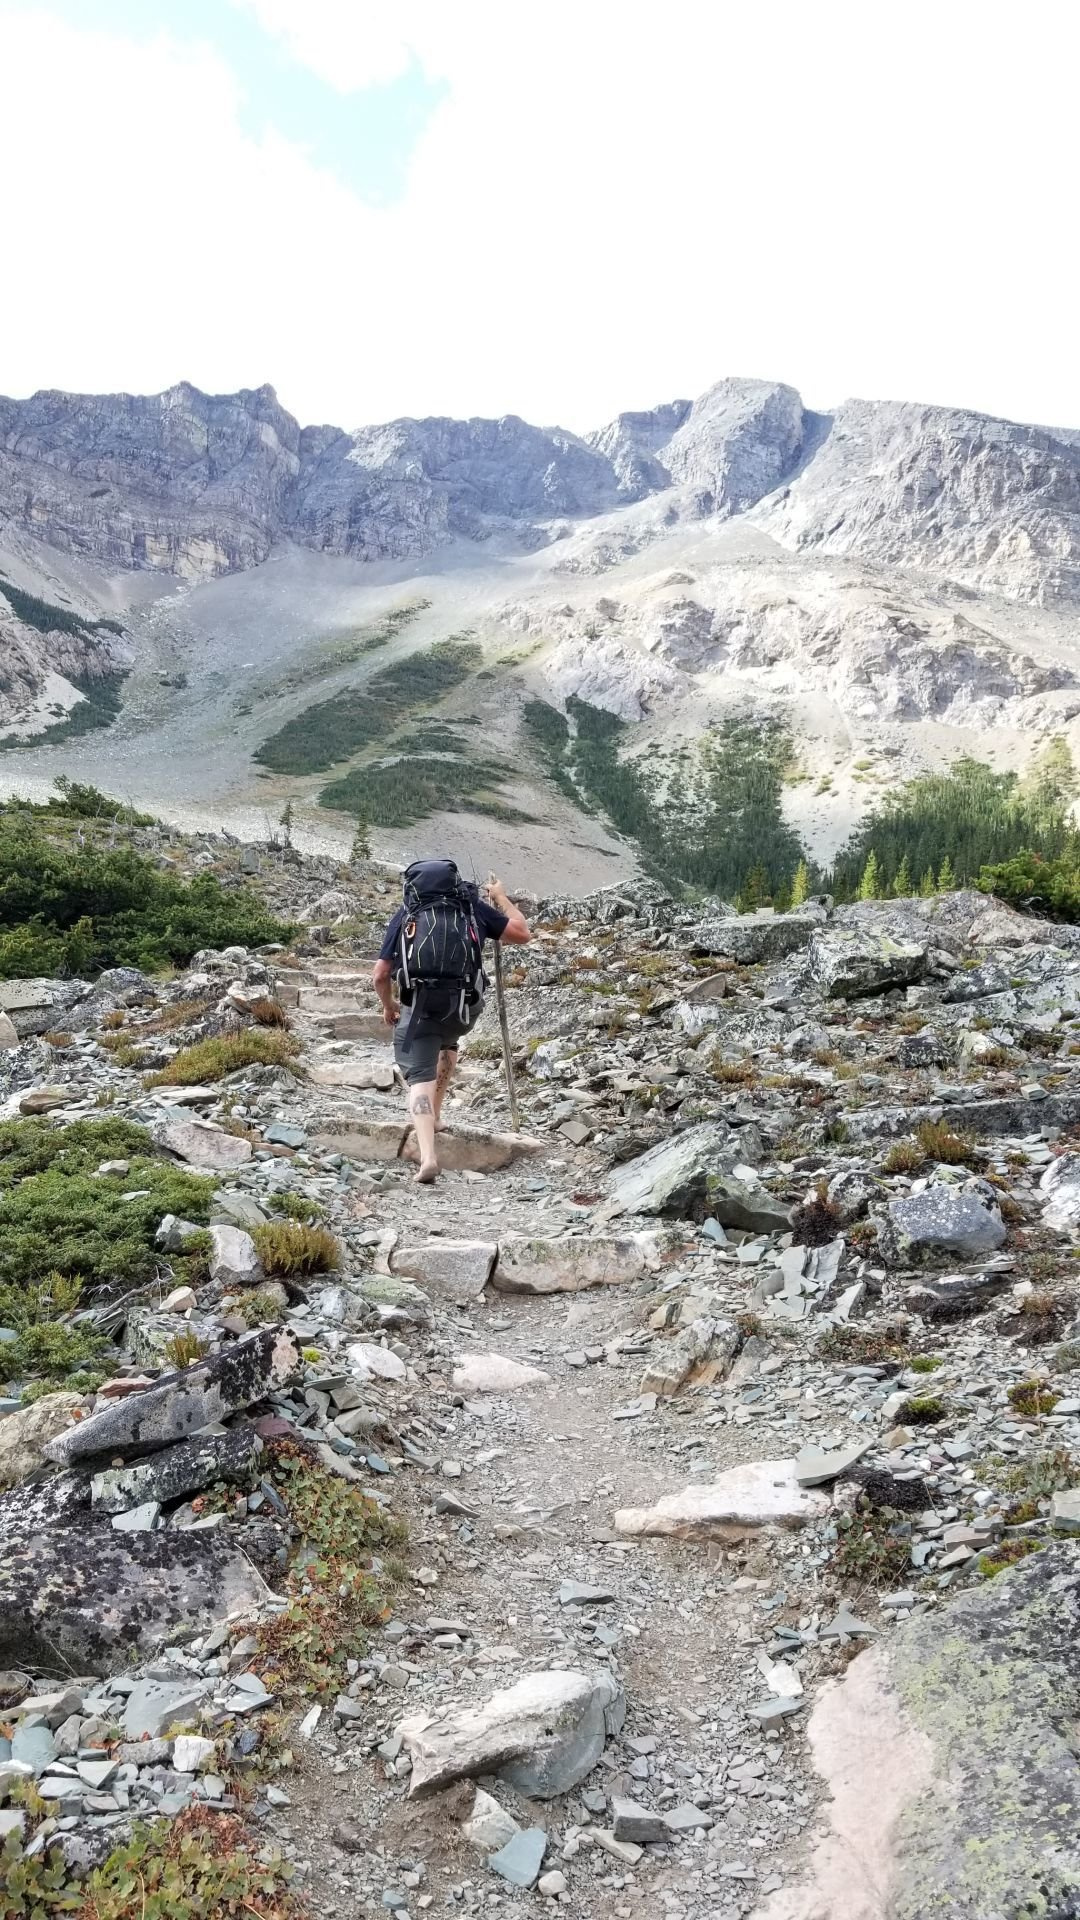 barefoot hiker